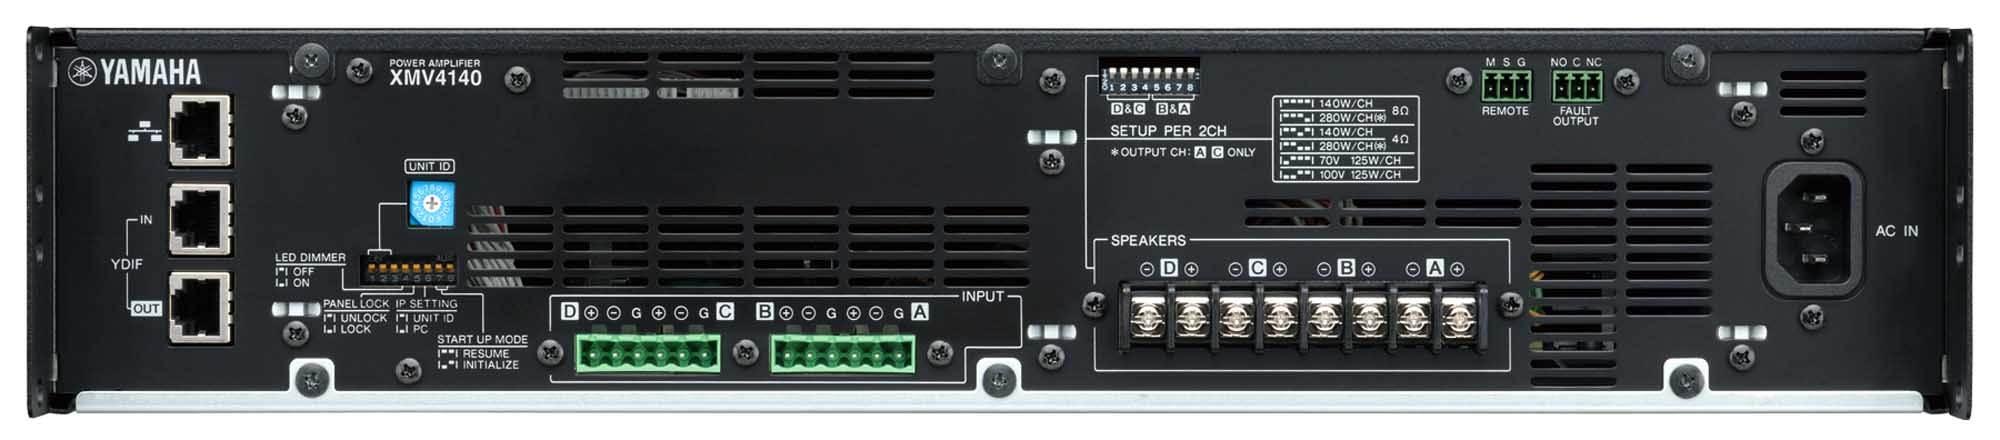 نمای پشت و ورودی و خروجی های پاور آمپلی فایر های 4 کانال آنالوگ YAMAHA ( یاماها ) مدل های XMV4140,XMV4280